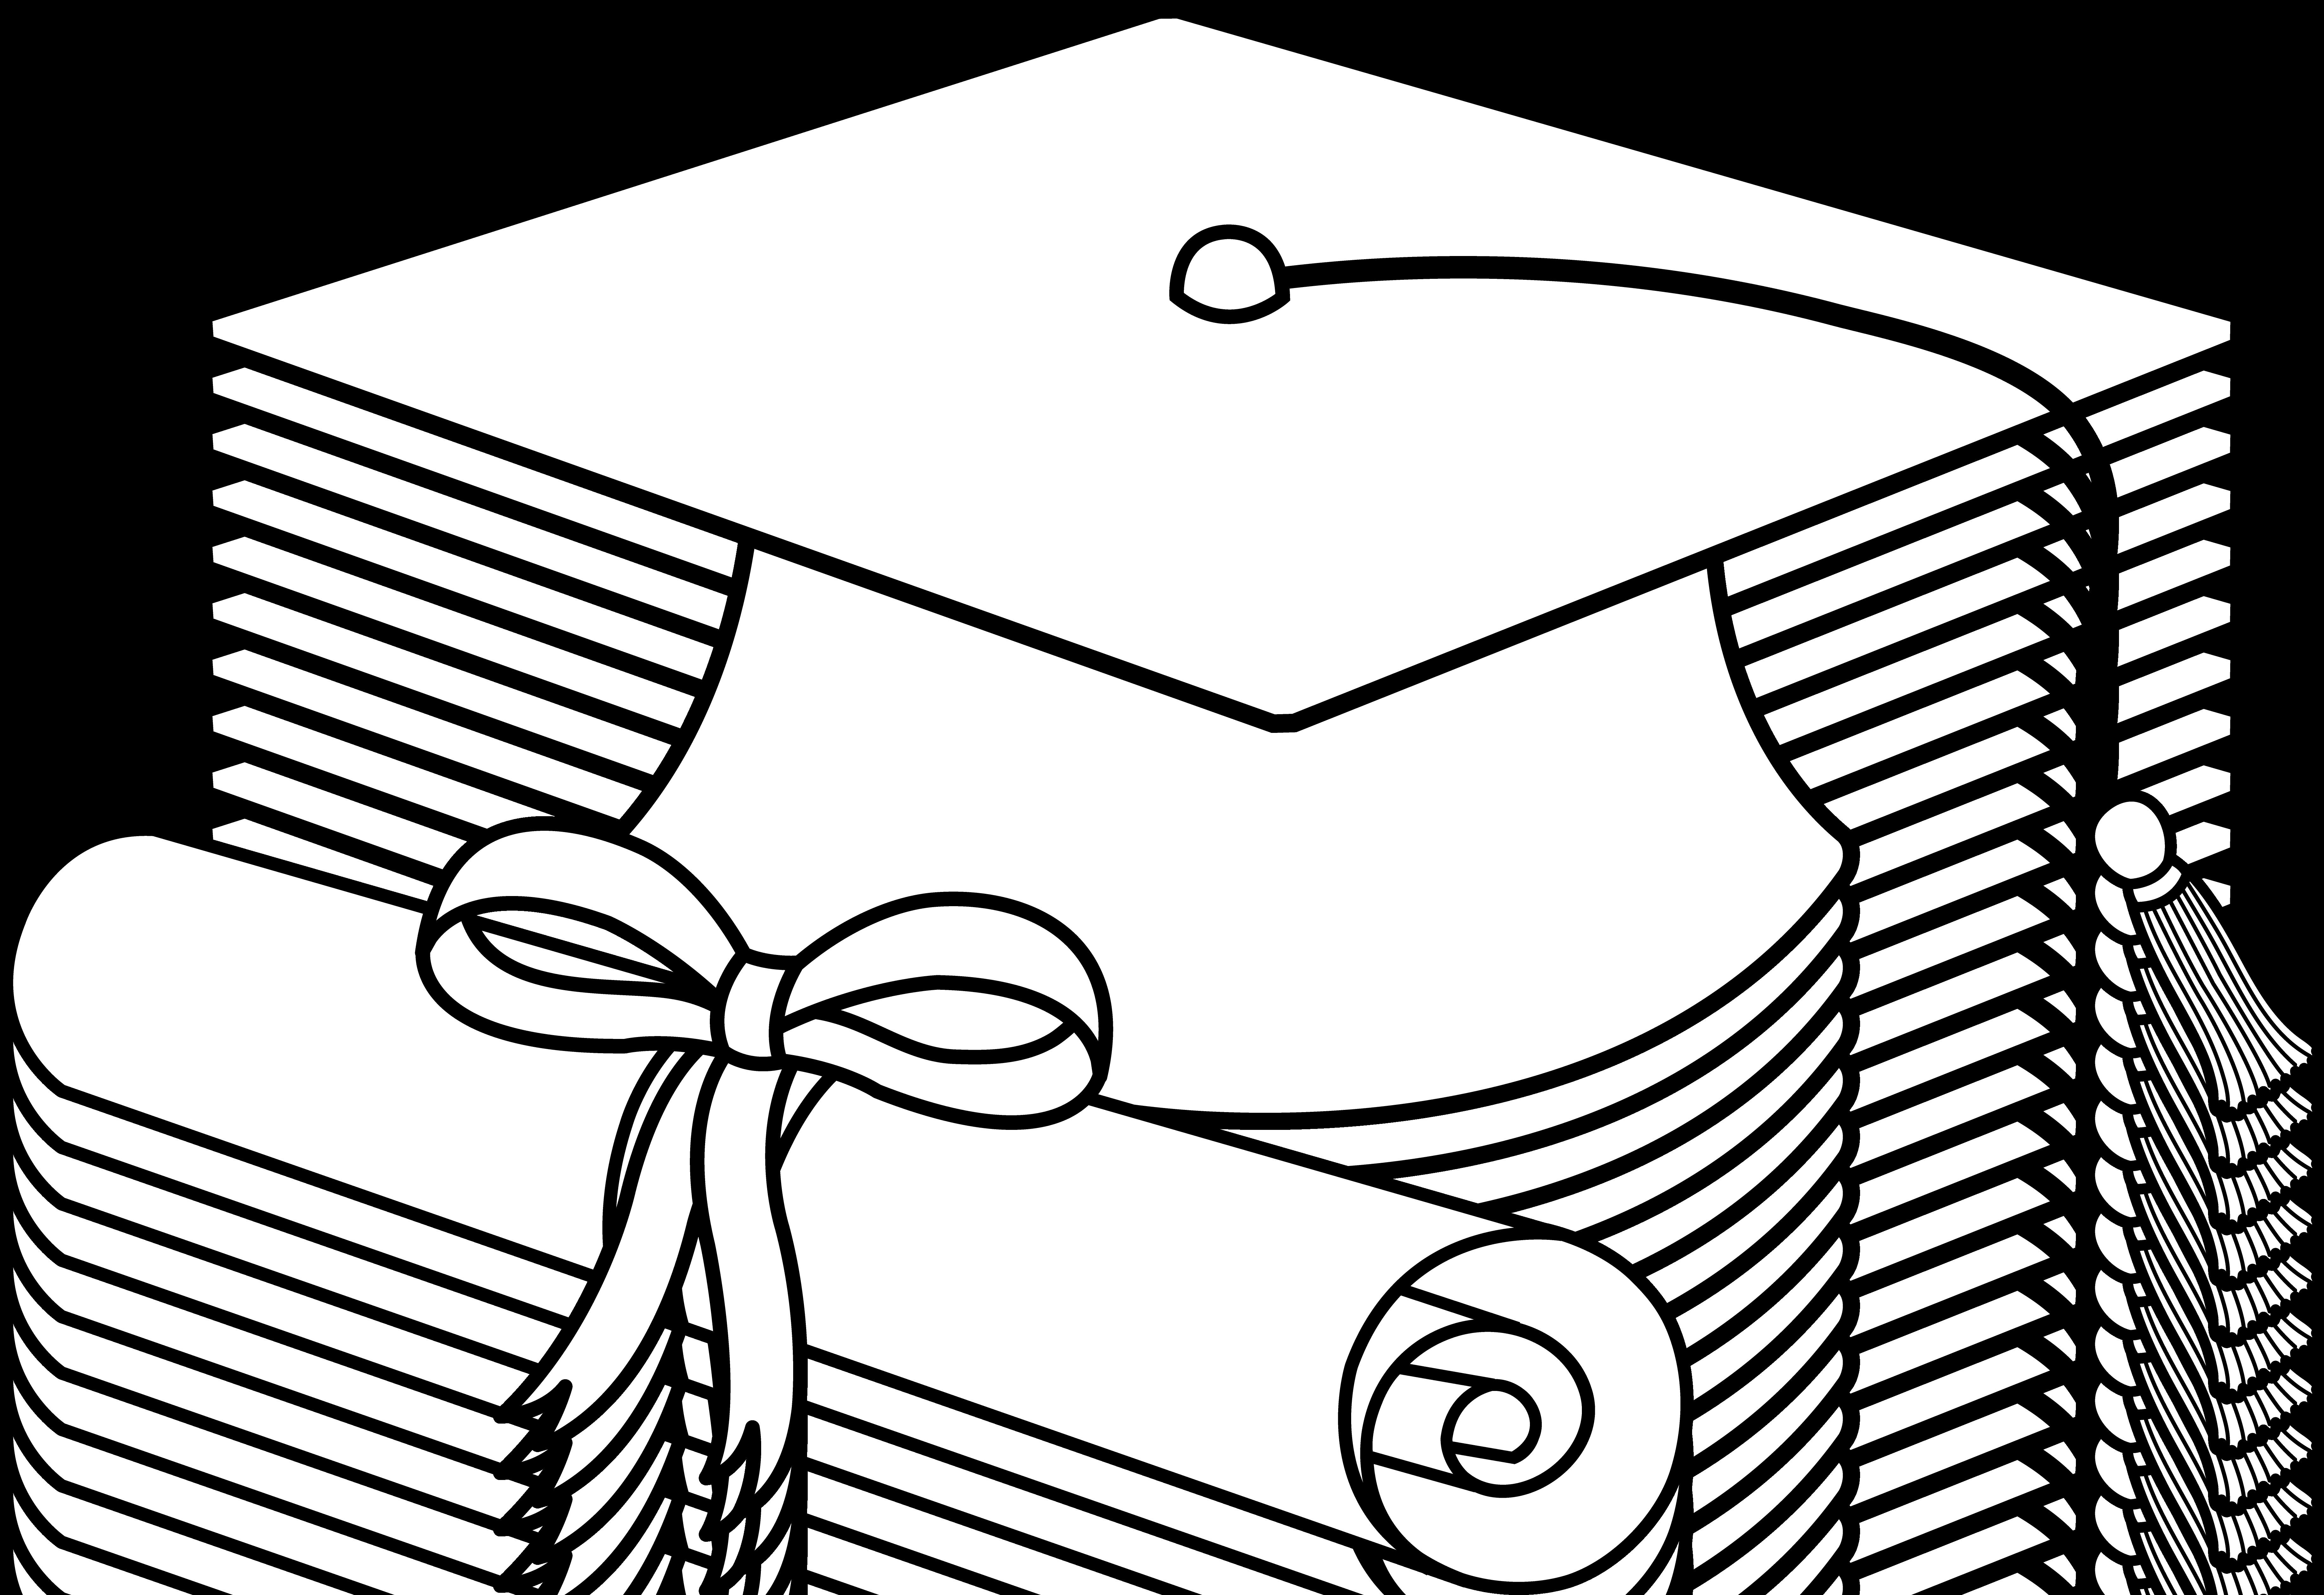 7334x5034 Graduation Cap Line Art